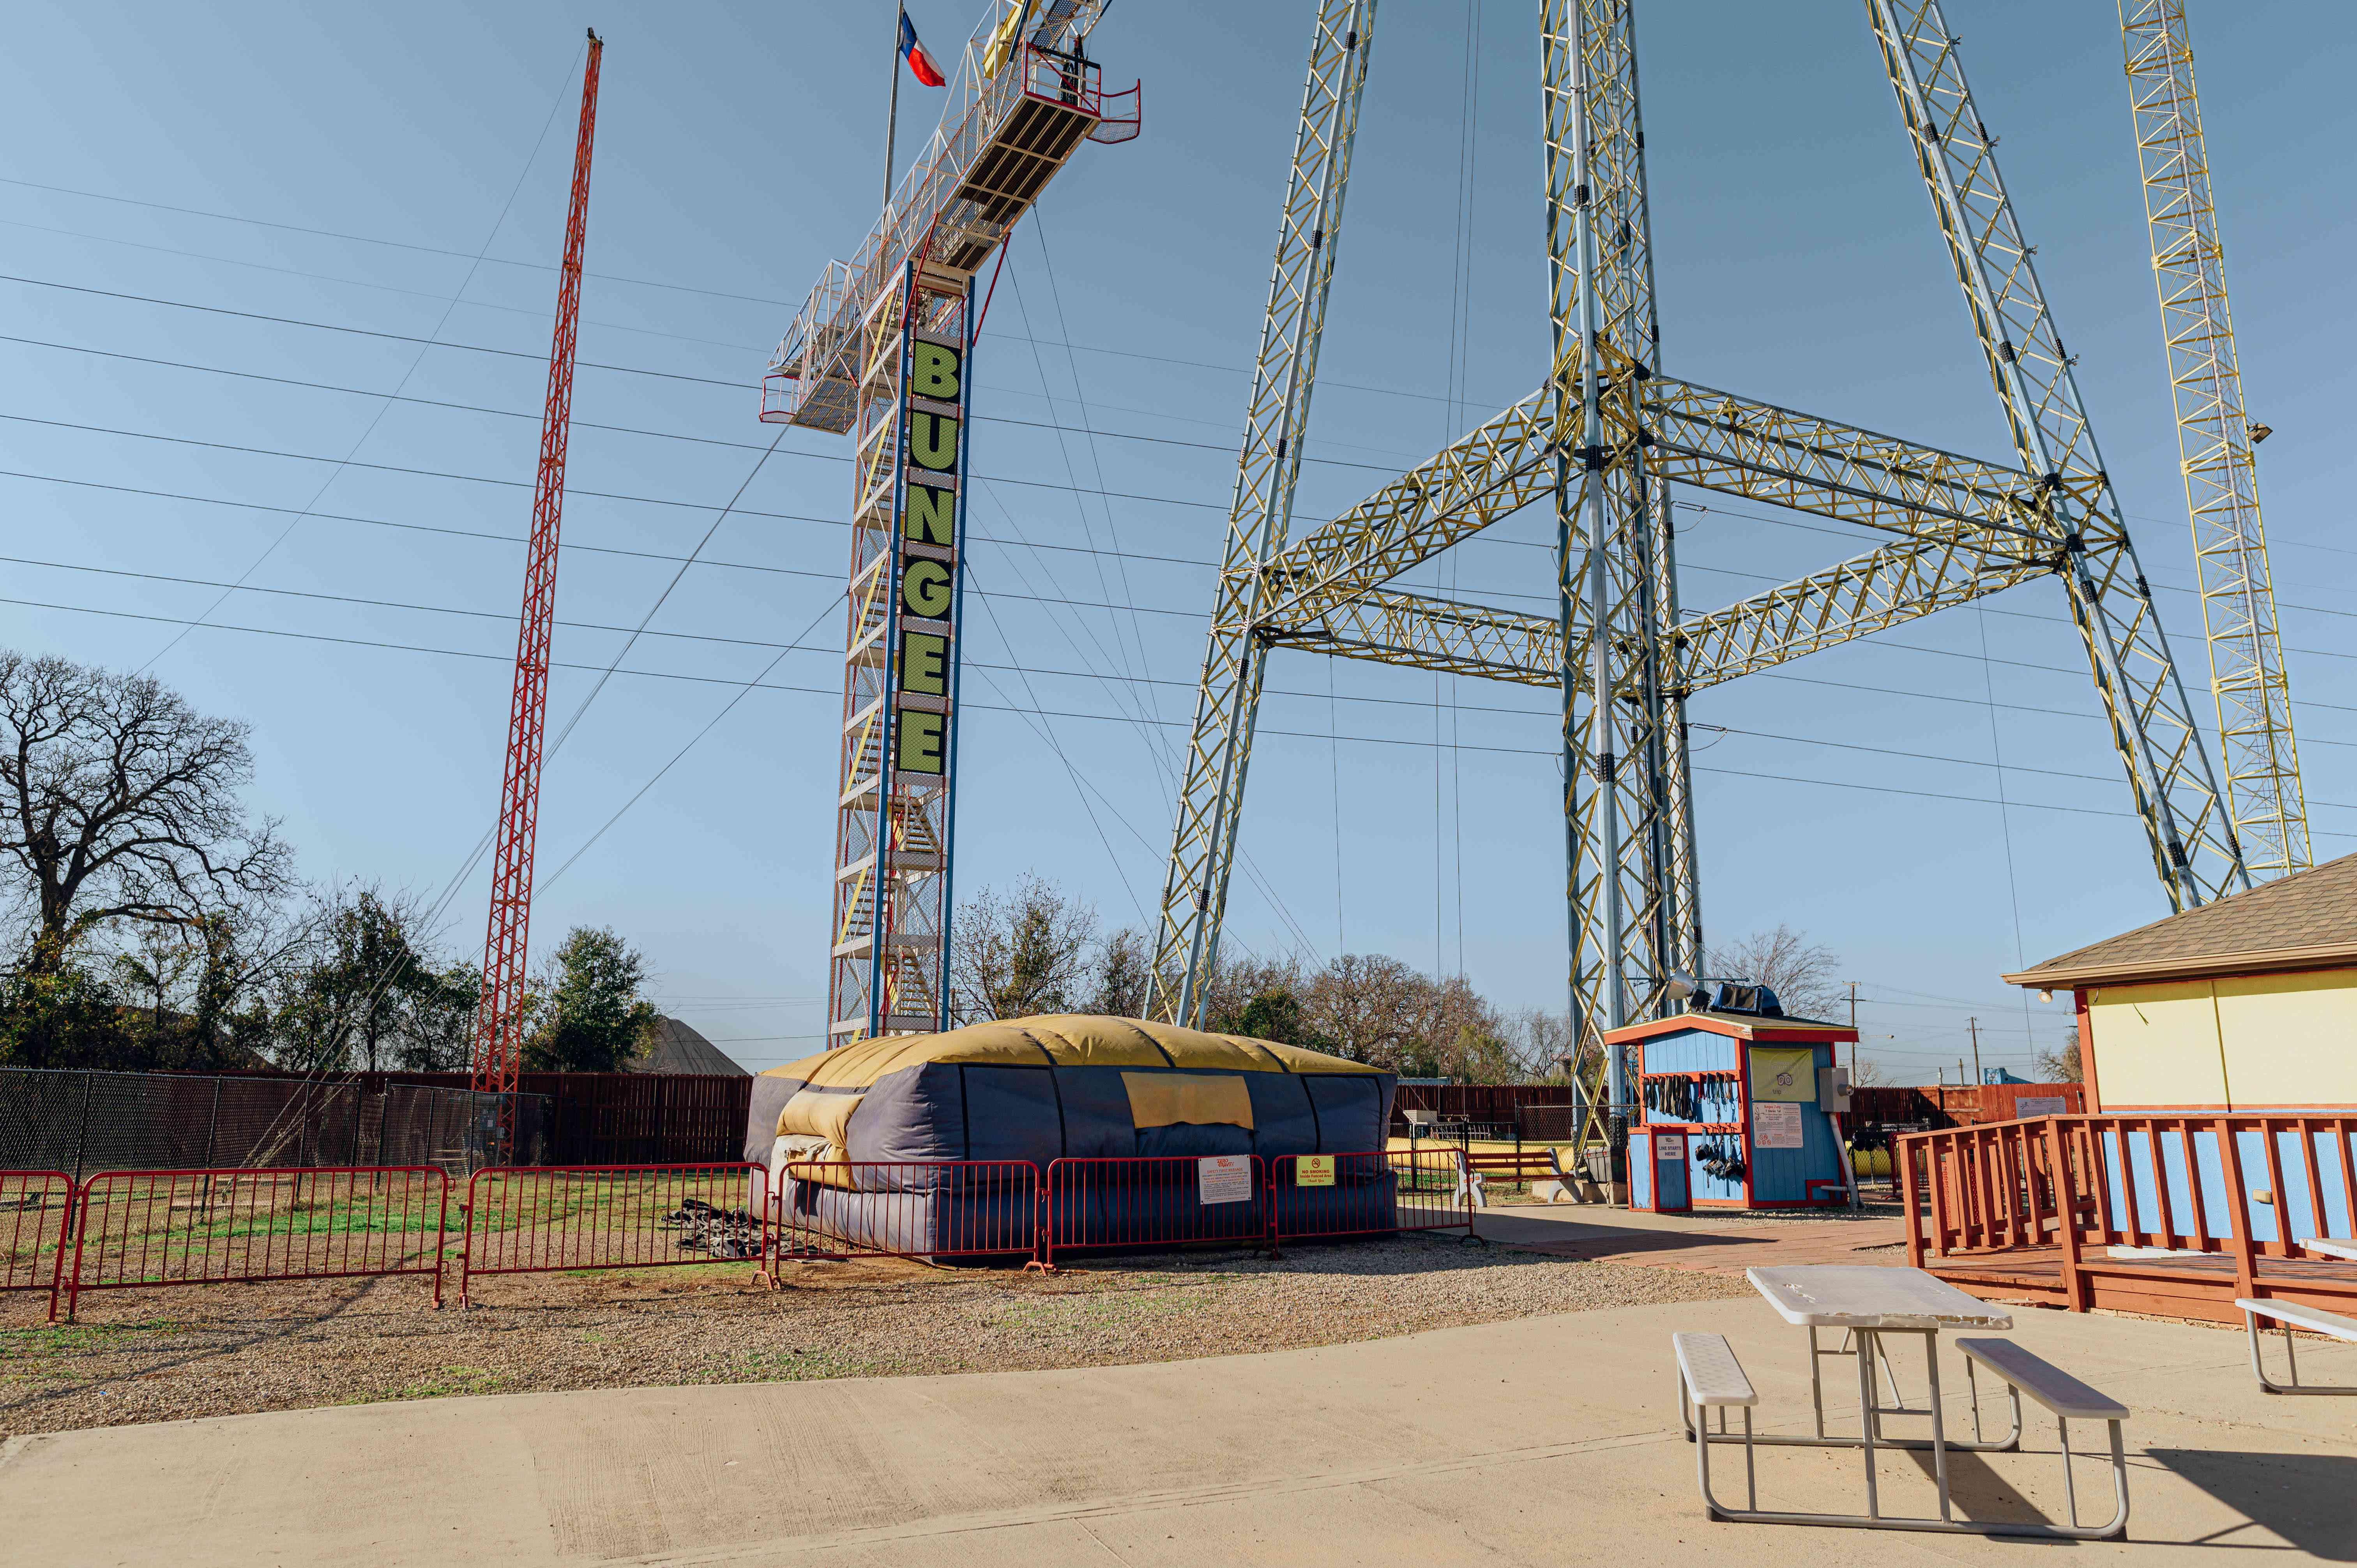 Zero Gravity Thrill Park in Dallas, Texas